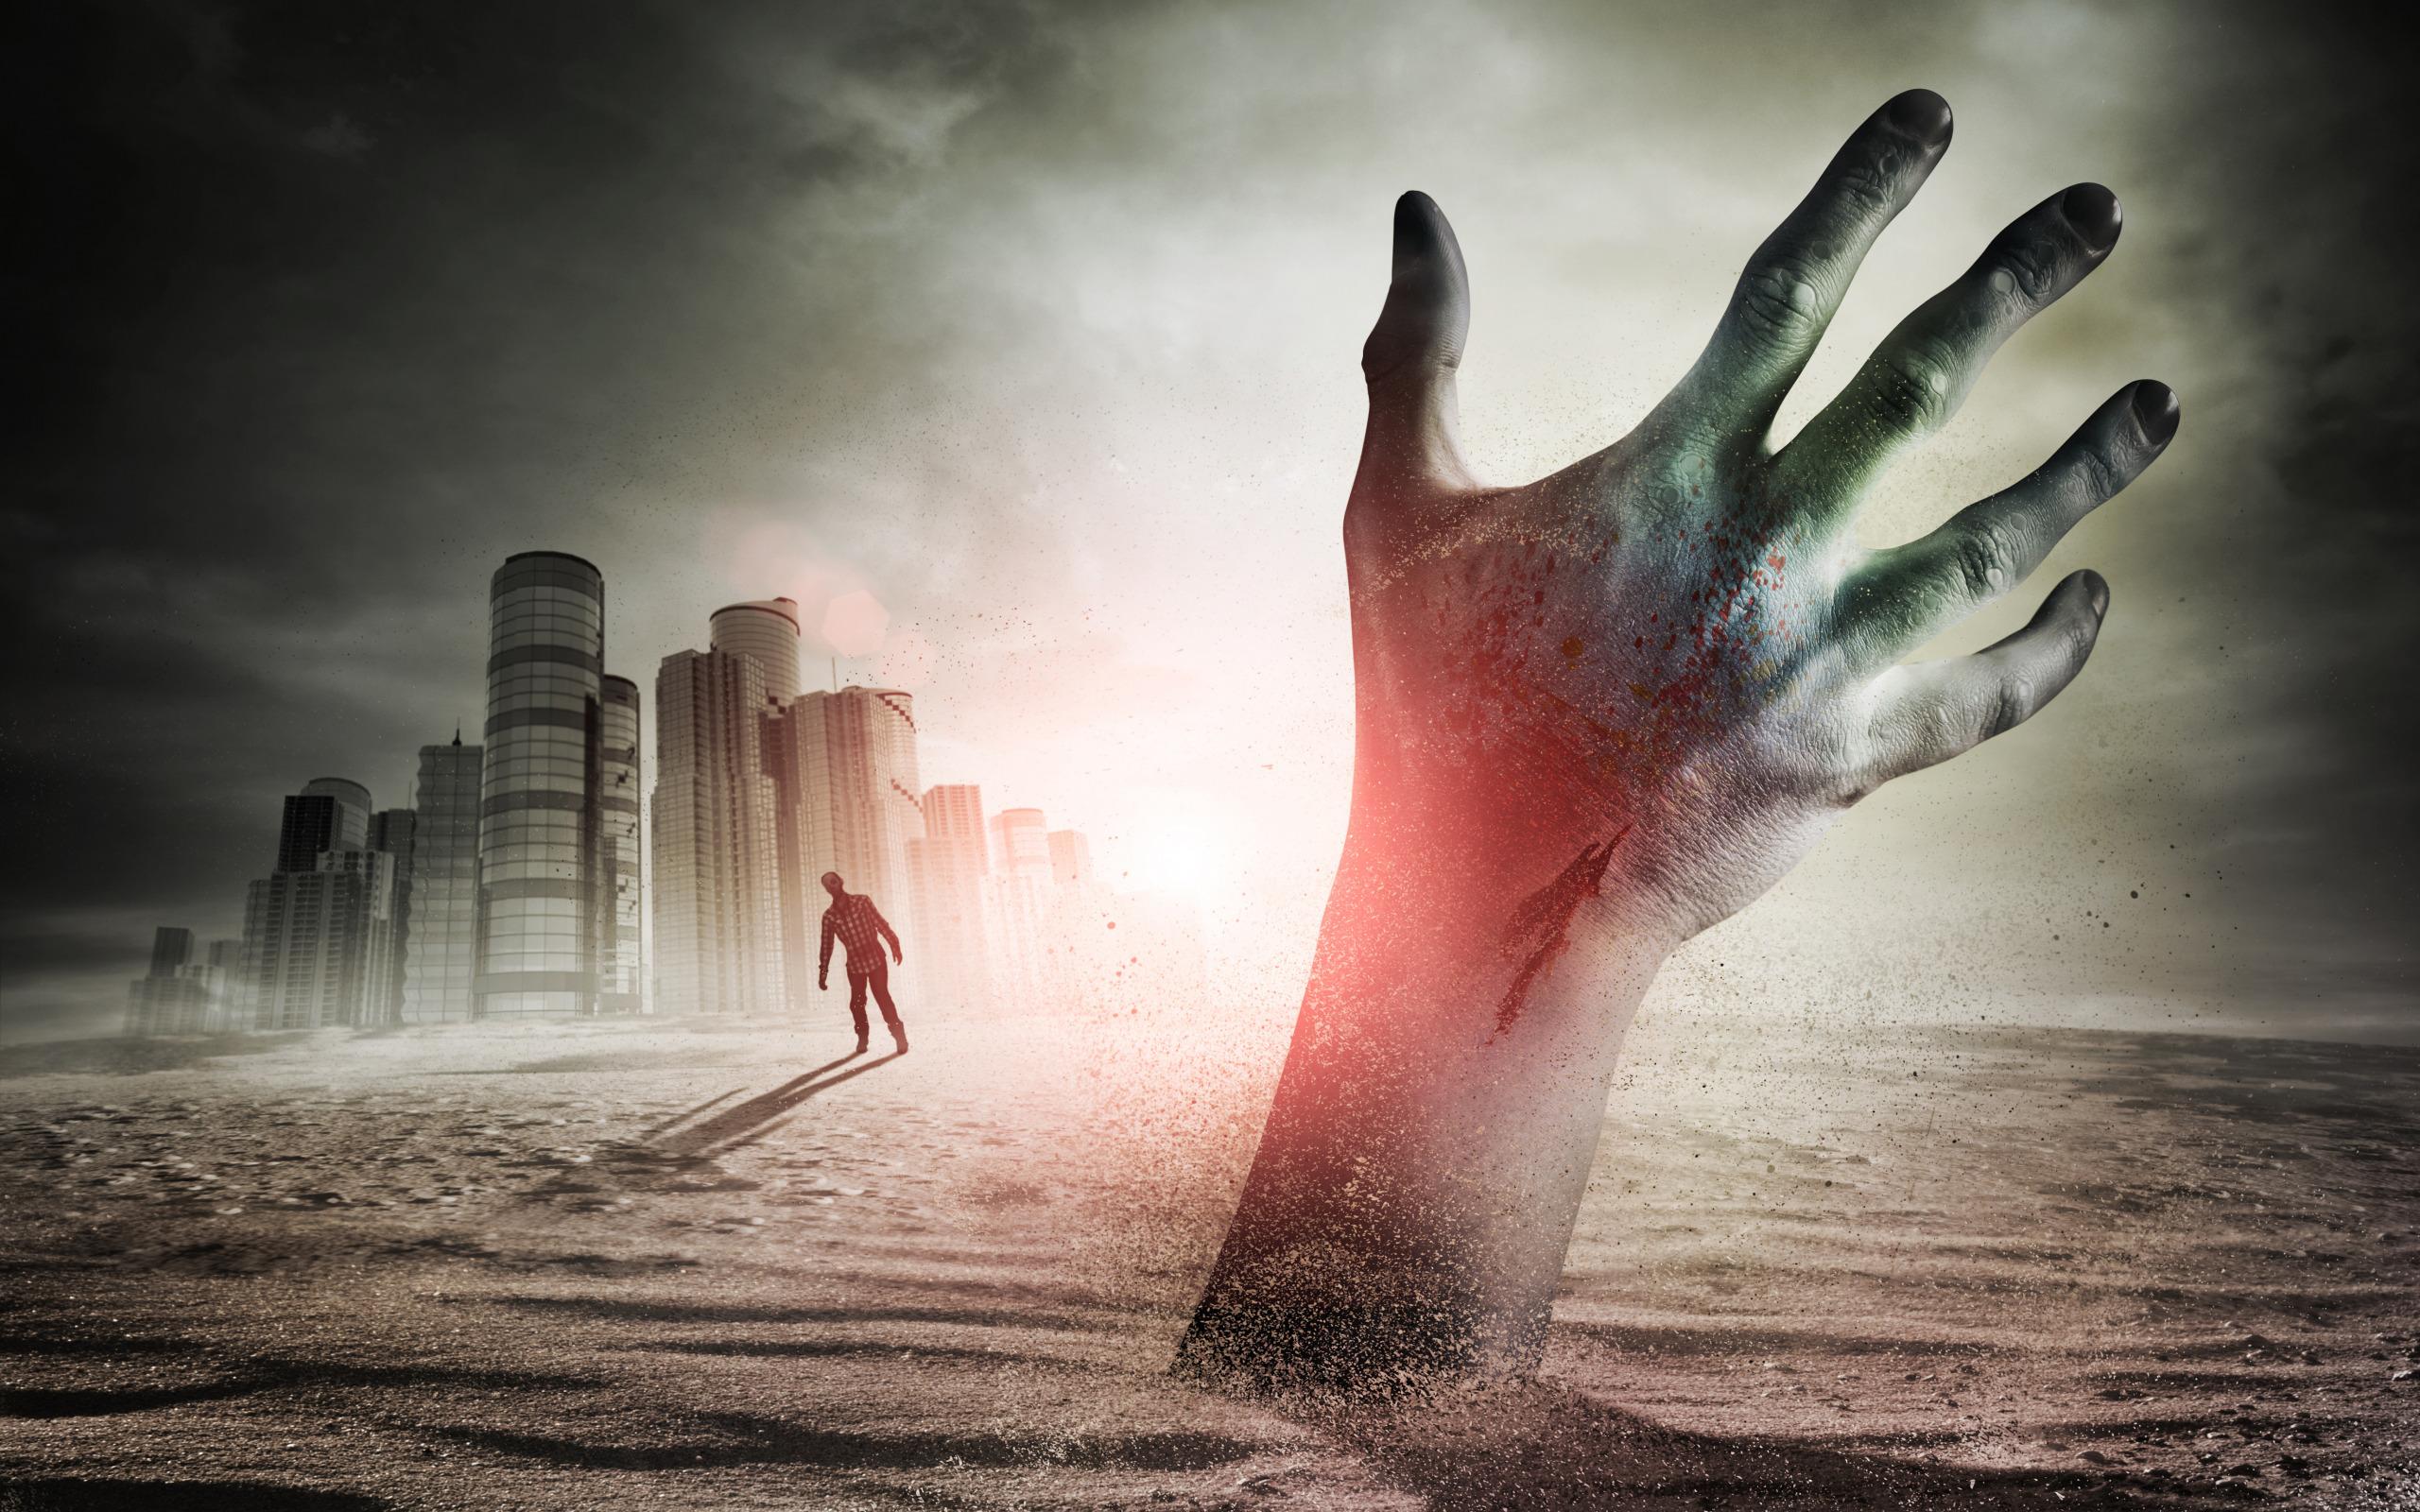 девченки рунета зомби выдумка или реальность этом сайте